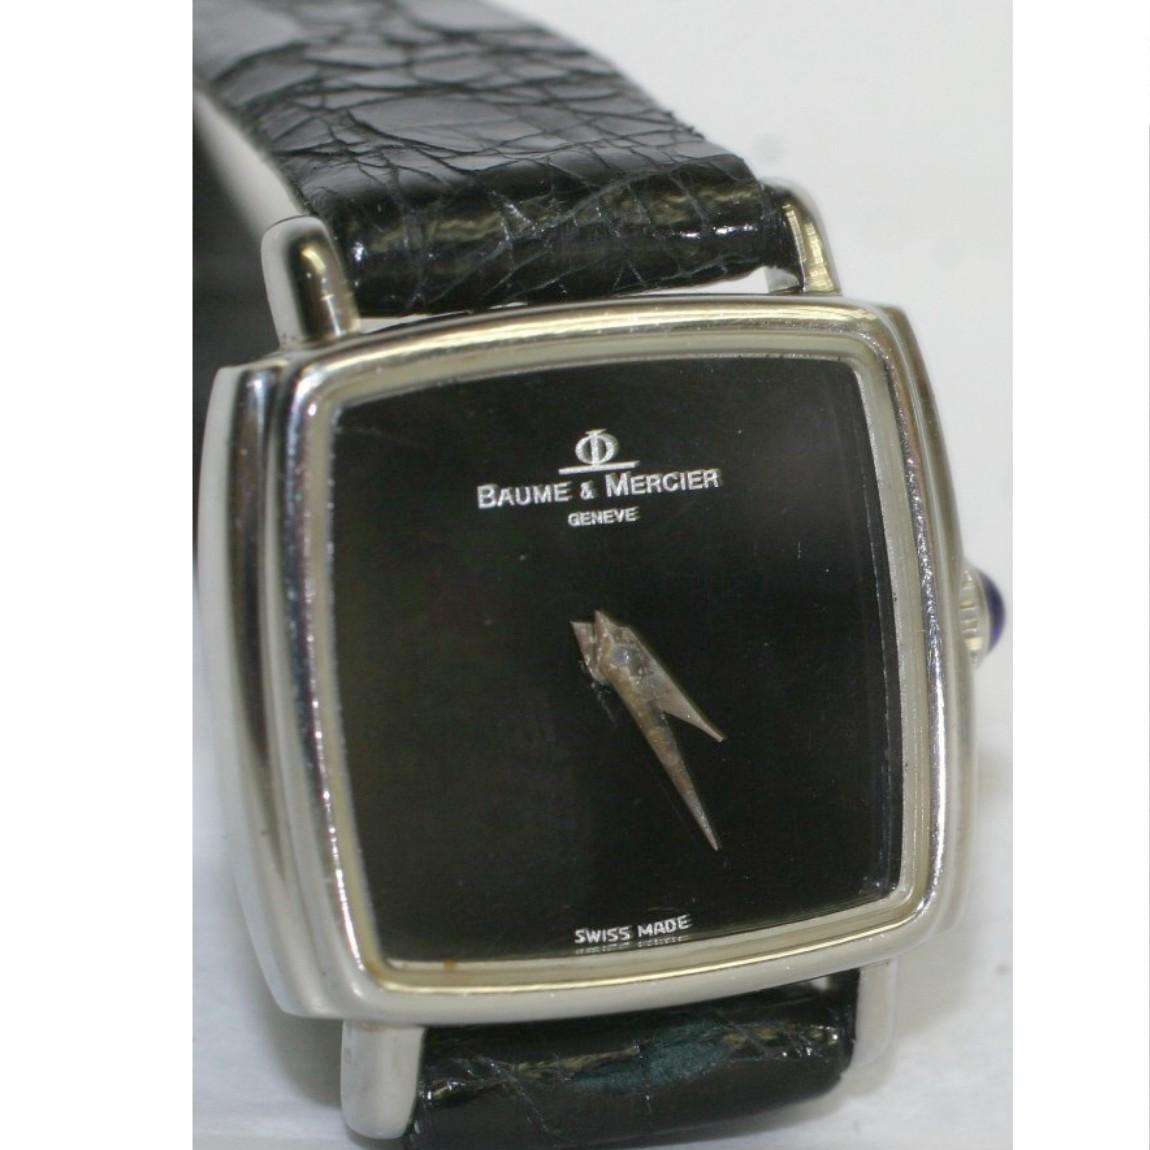 【中古】本物完動美品ボーン&メルシエ女性用アンティークな手巻きの時計黒い文字盤リュ―ズ先端にネイビーの石付 1ヶ月保障付